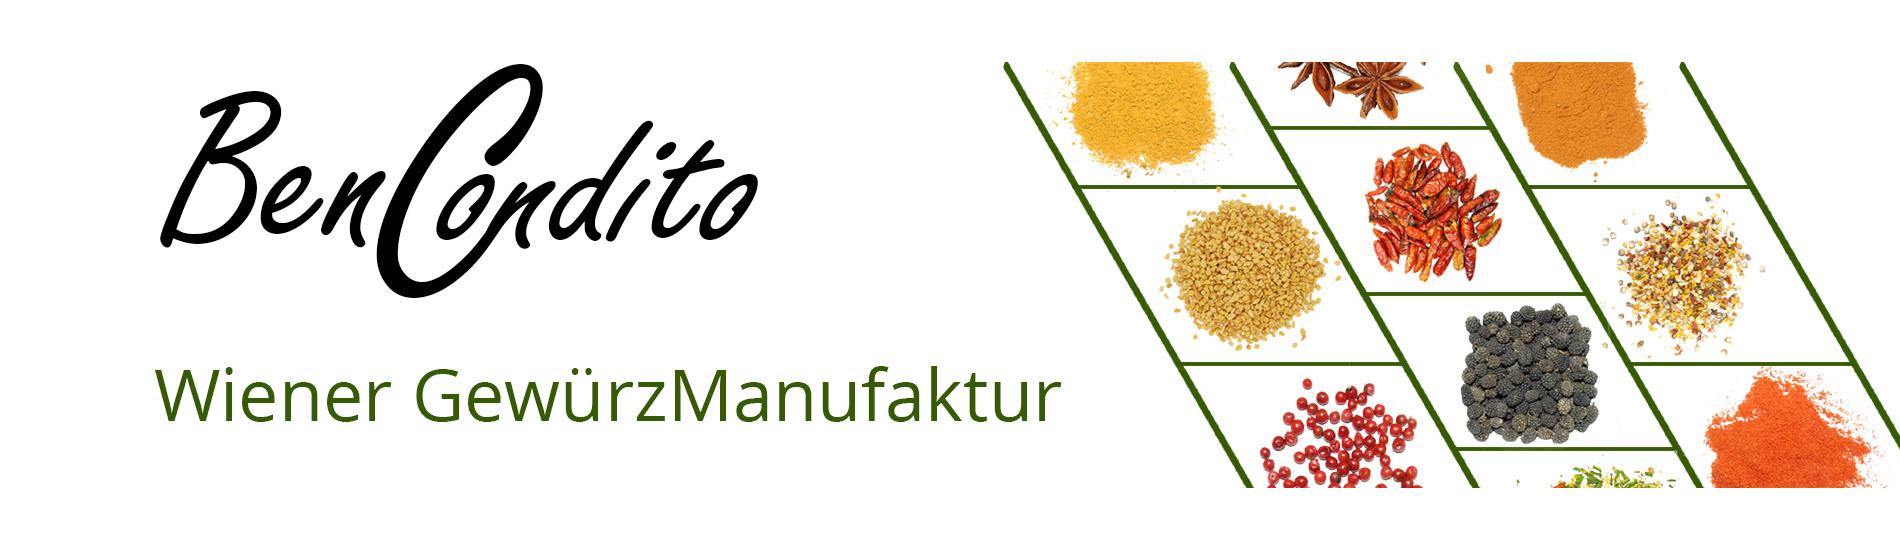 BenCondito - Wiener GewürzManufaktur